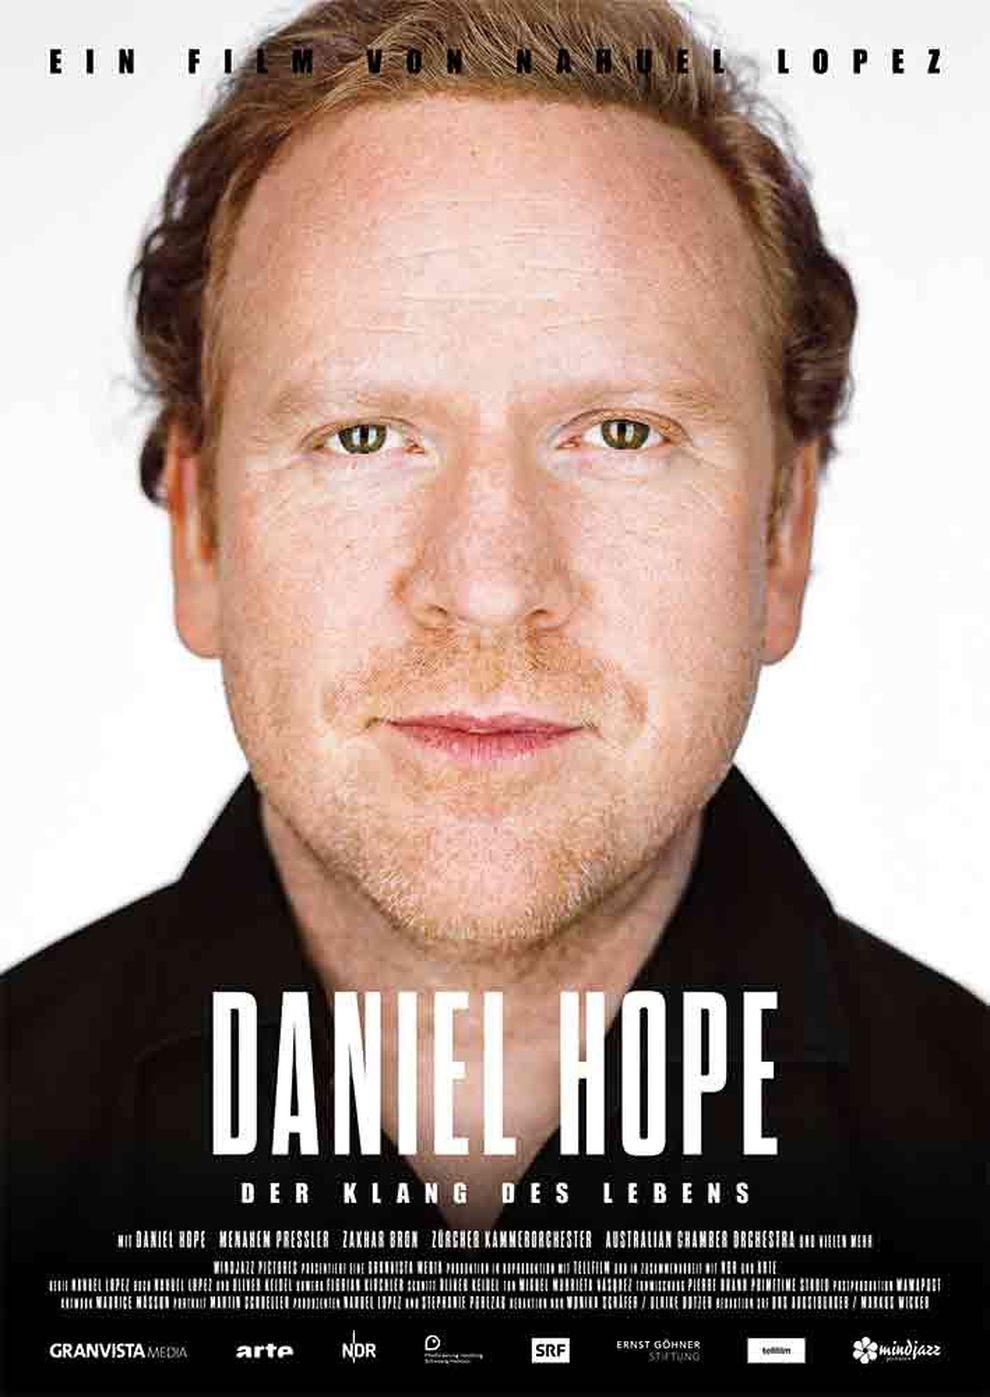 Daniel Hope - Der Klang des Lebens (Poster)